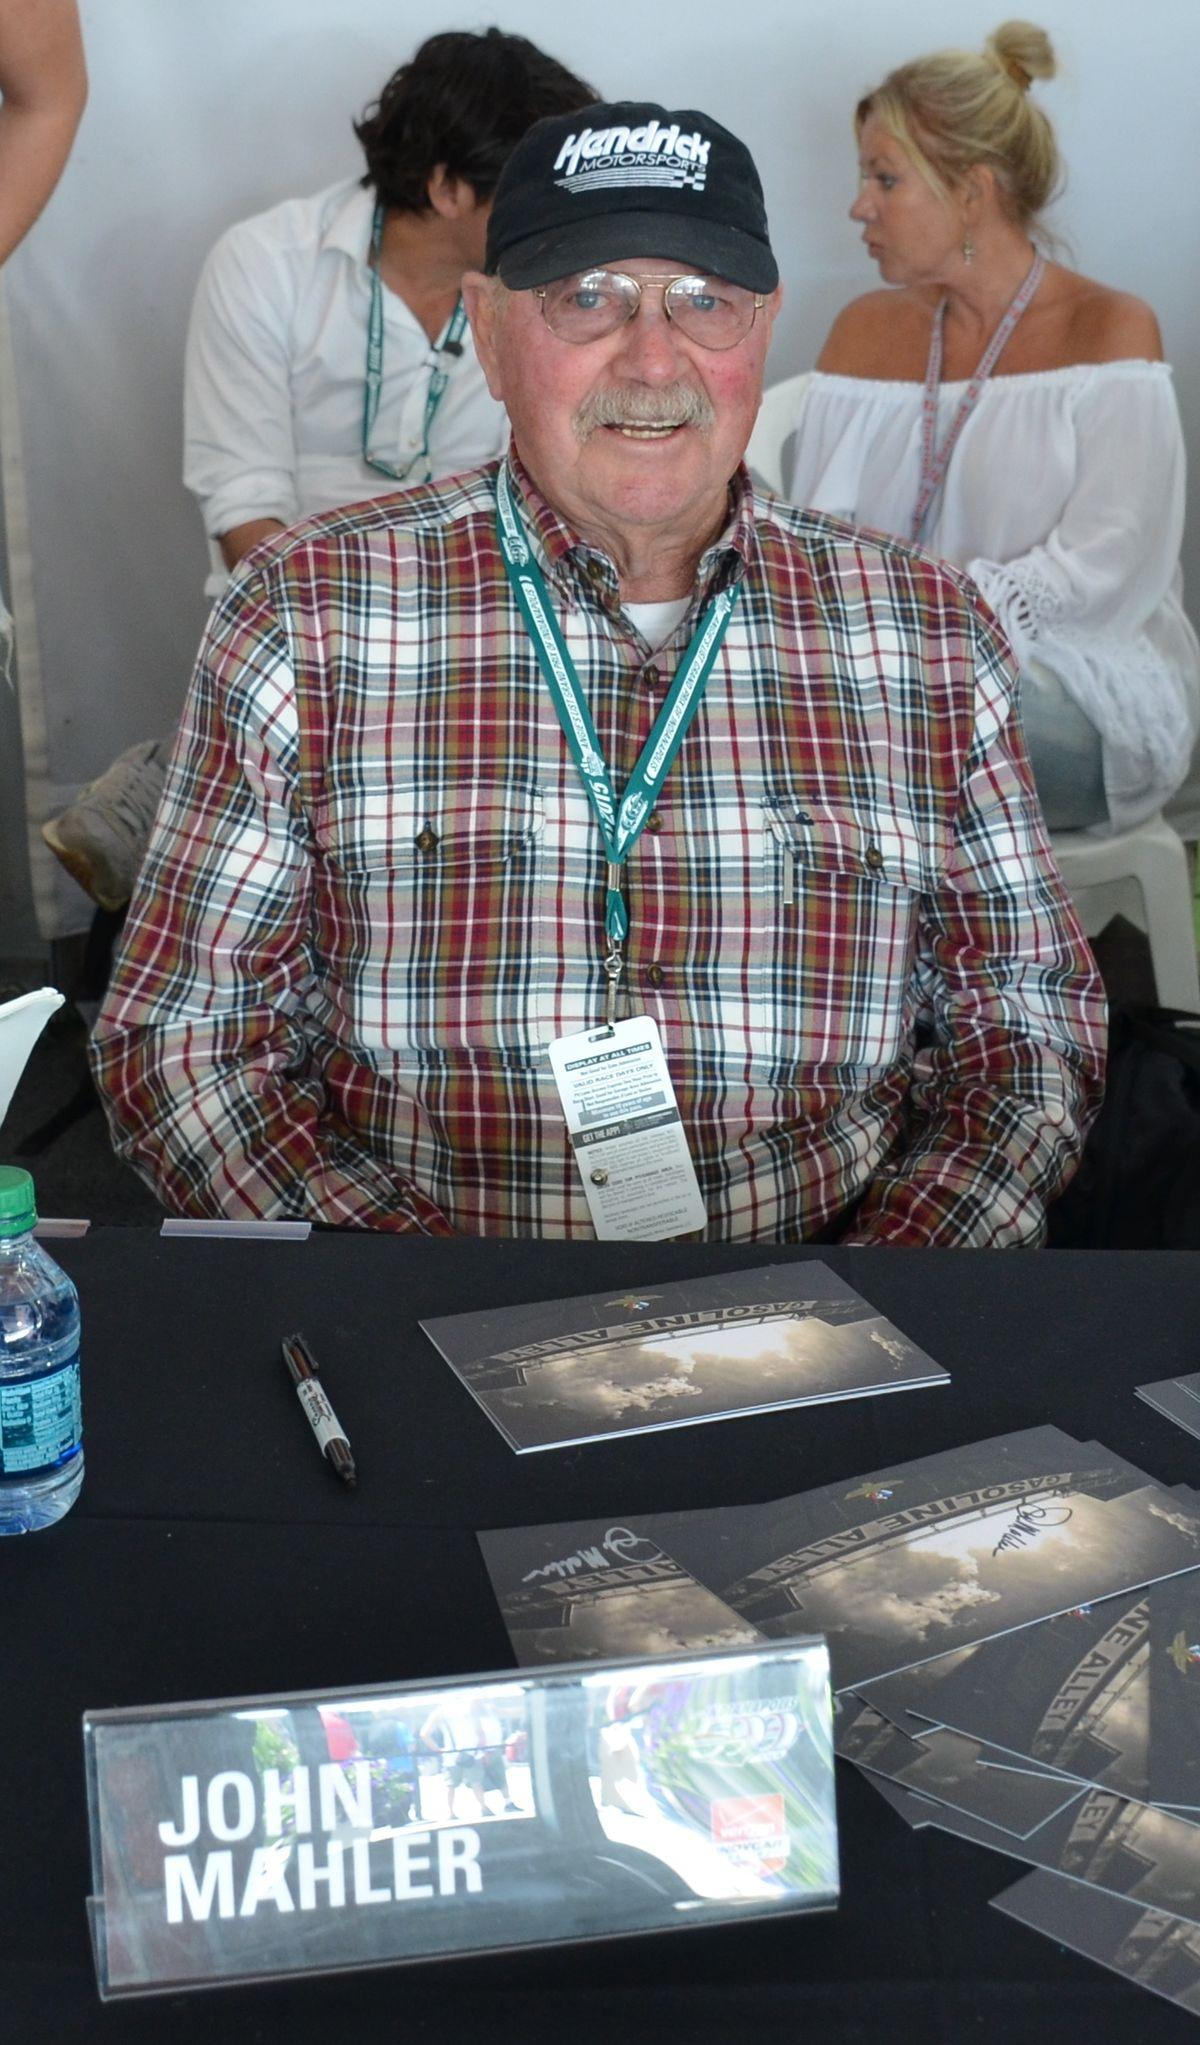 John Mahler Race Car Driver